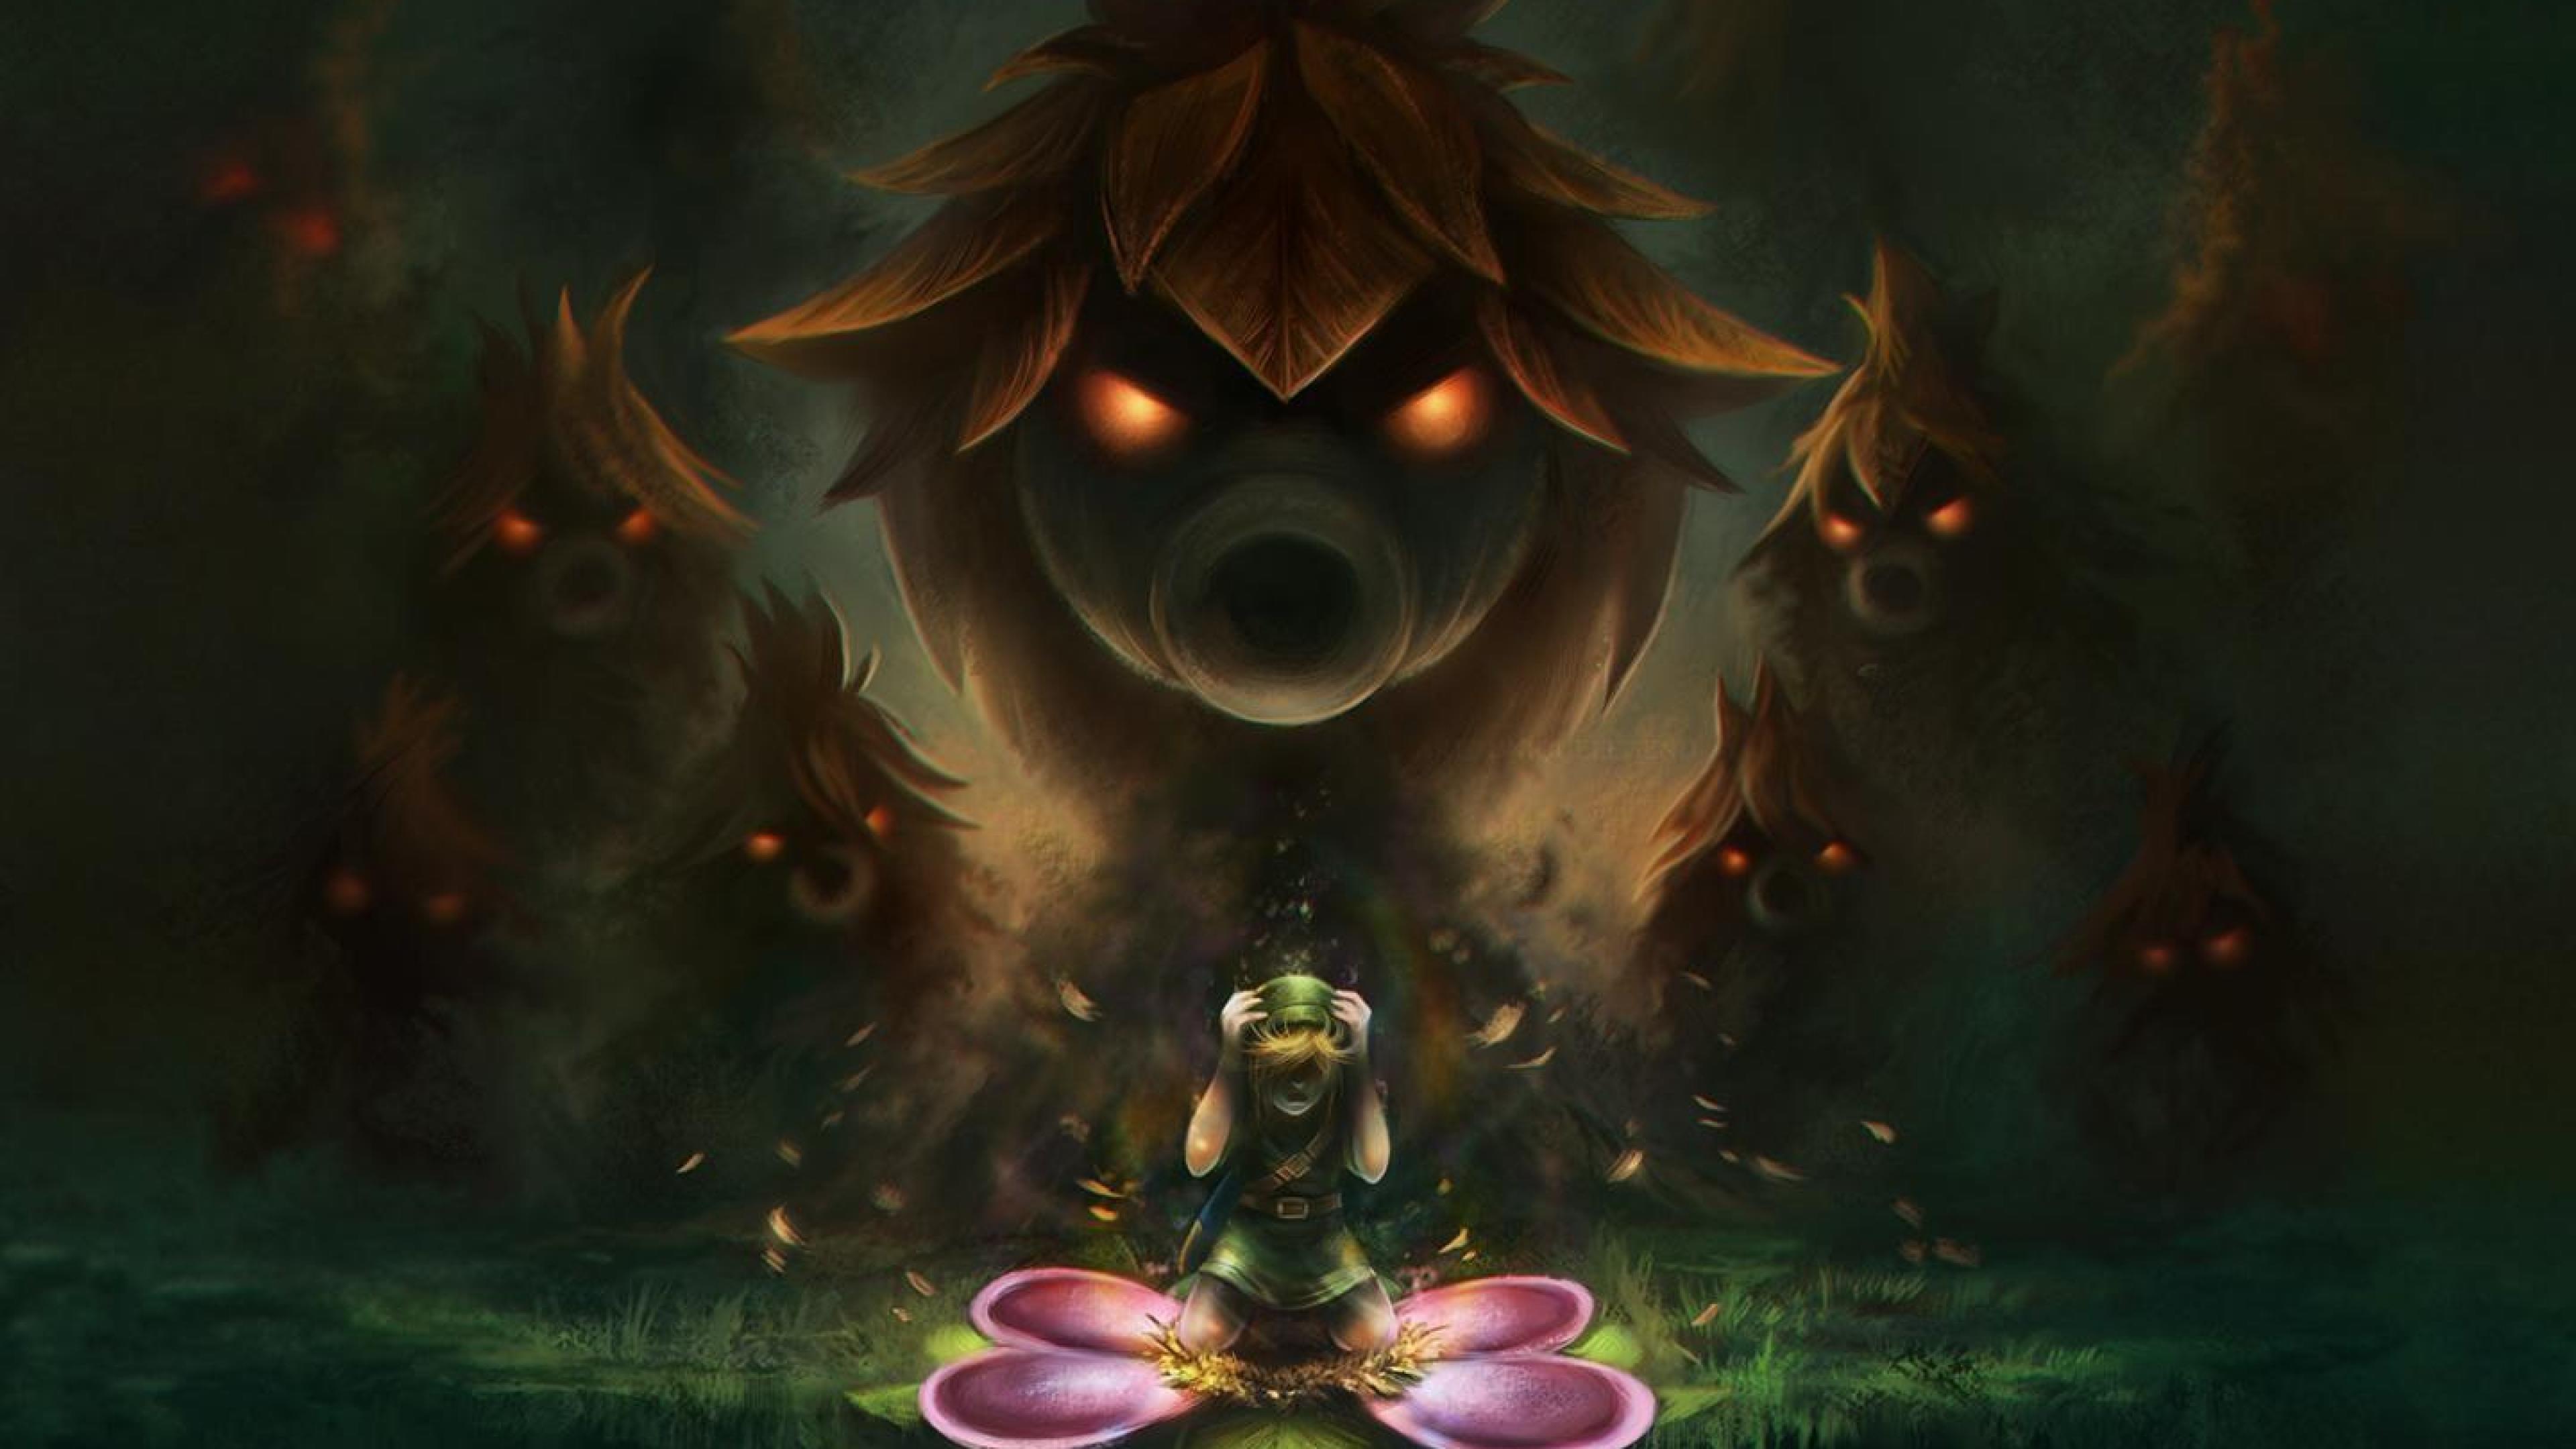 The Legend of Zelda HD wallpaper